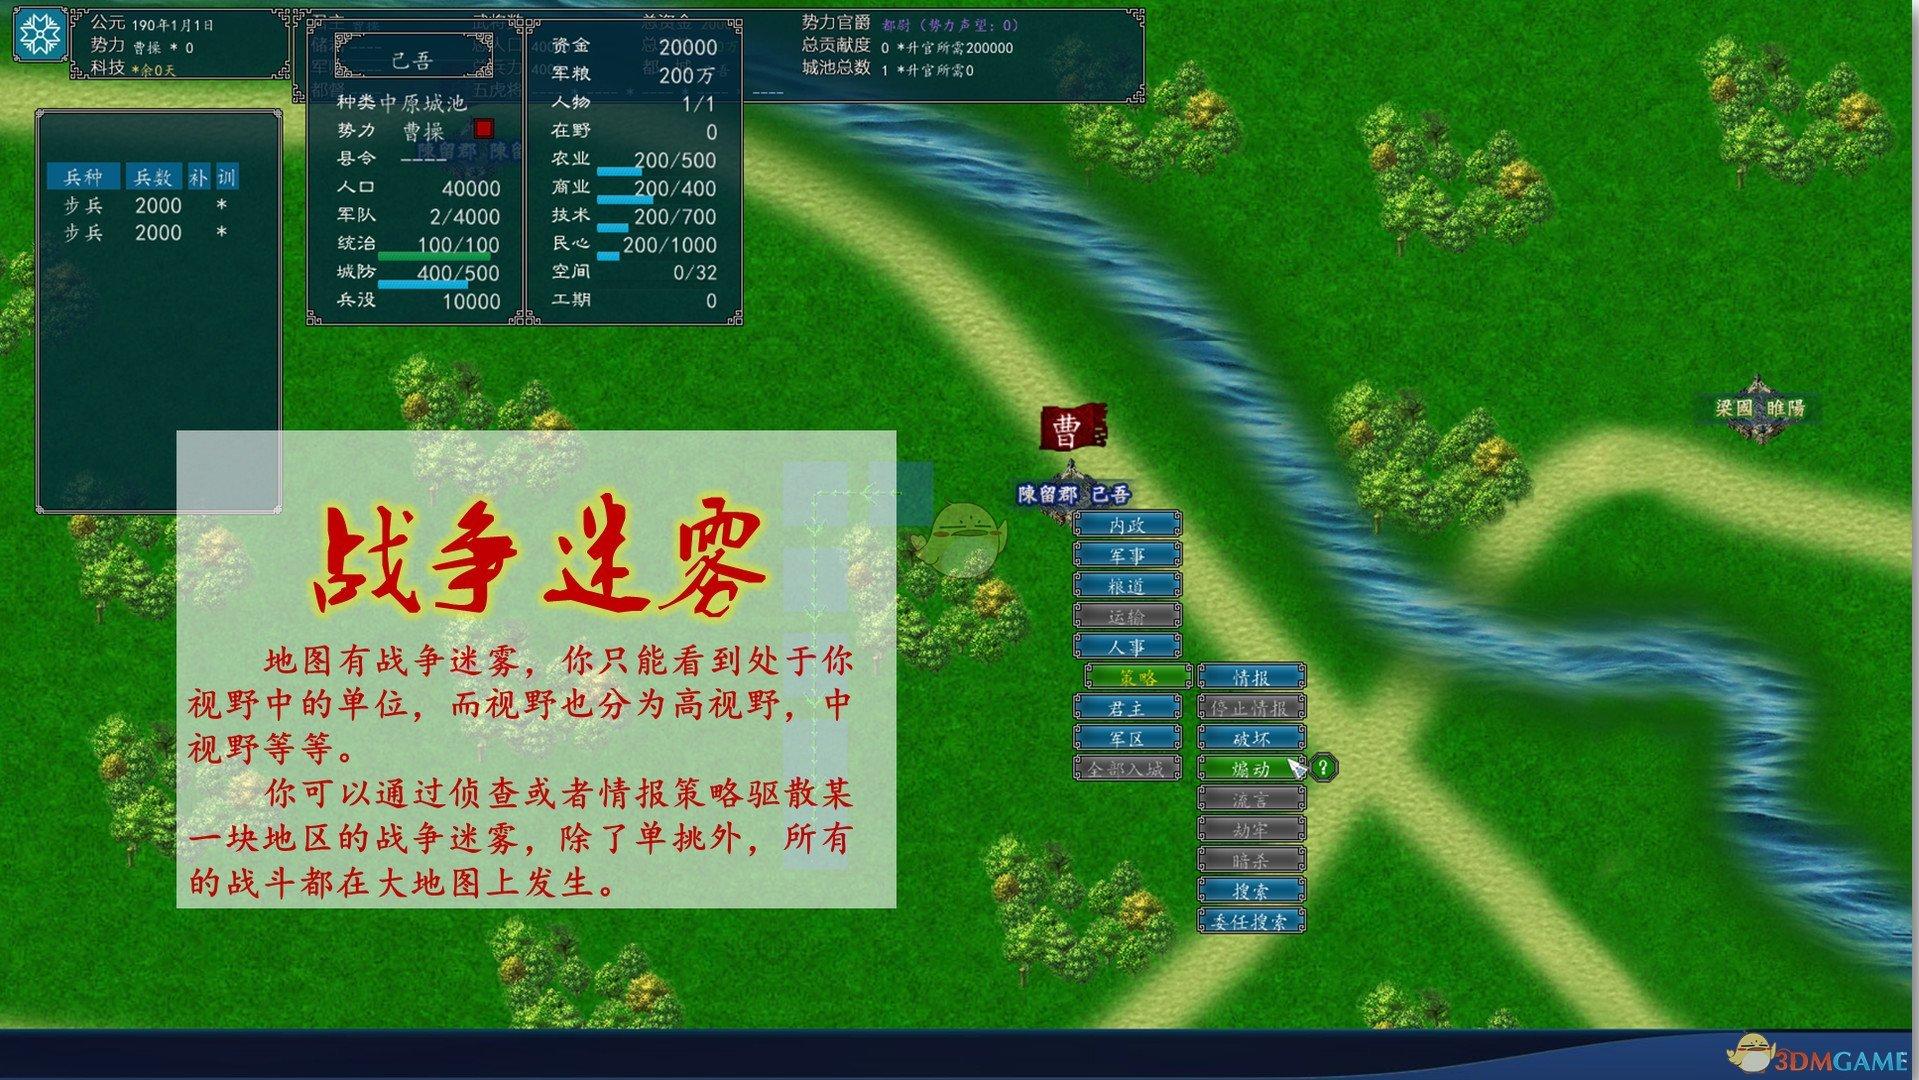 《中华三国志》游戏无法运行缺少运行库解决方法